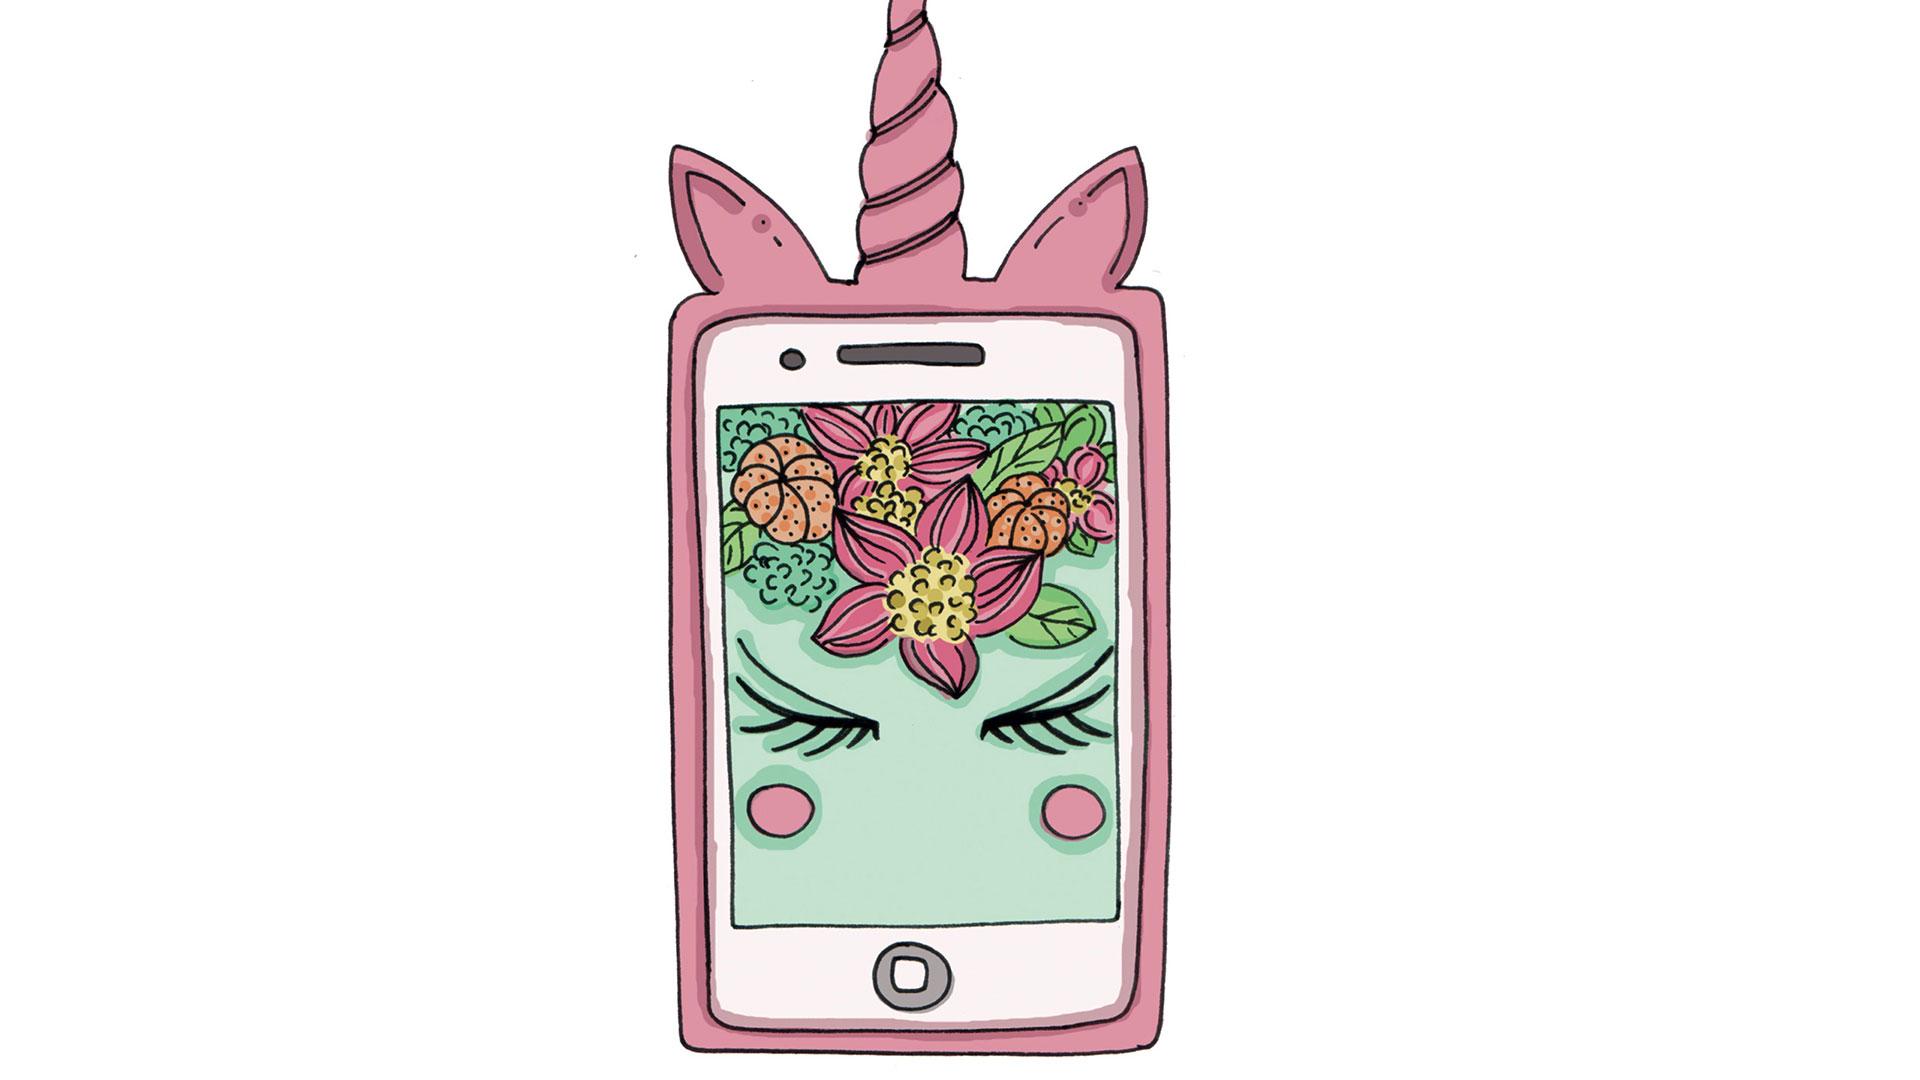 La pantalla preferida de los centennials es el celular